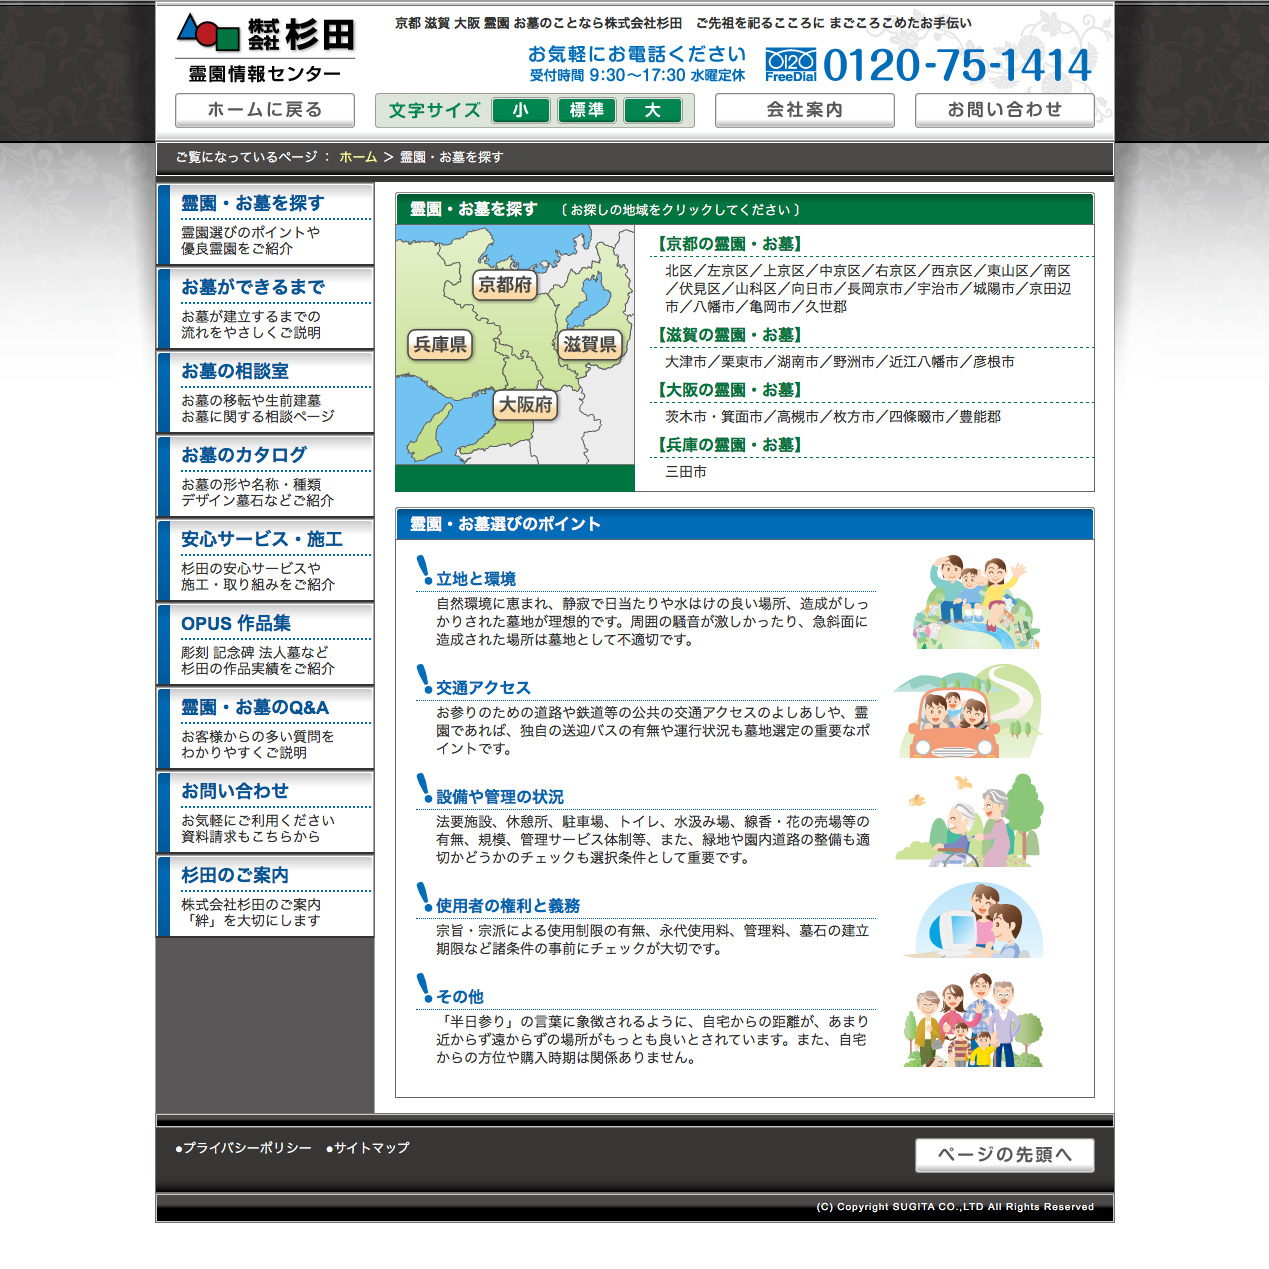 株式会社 杉田の霊園・お墓を探すページ